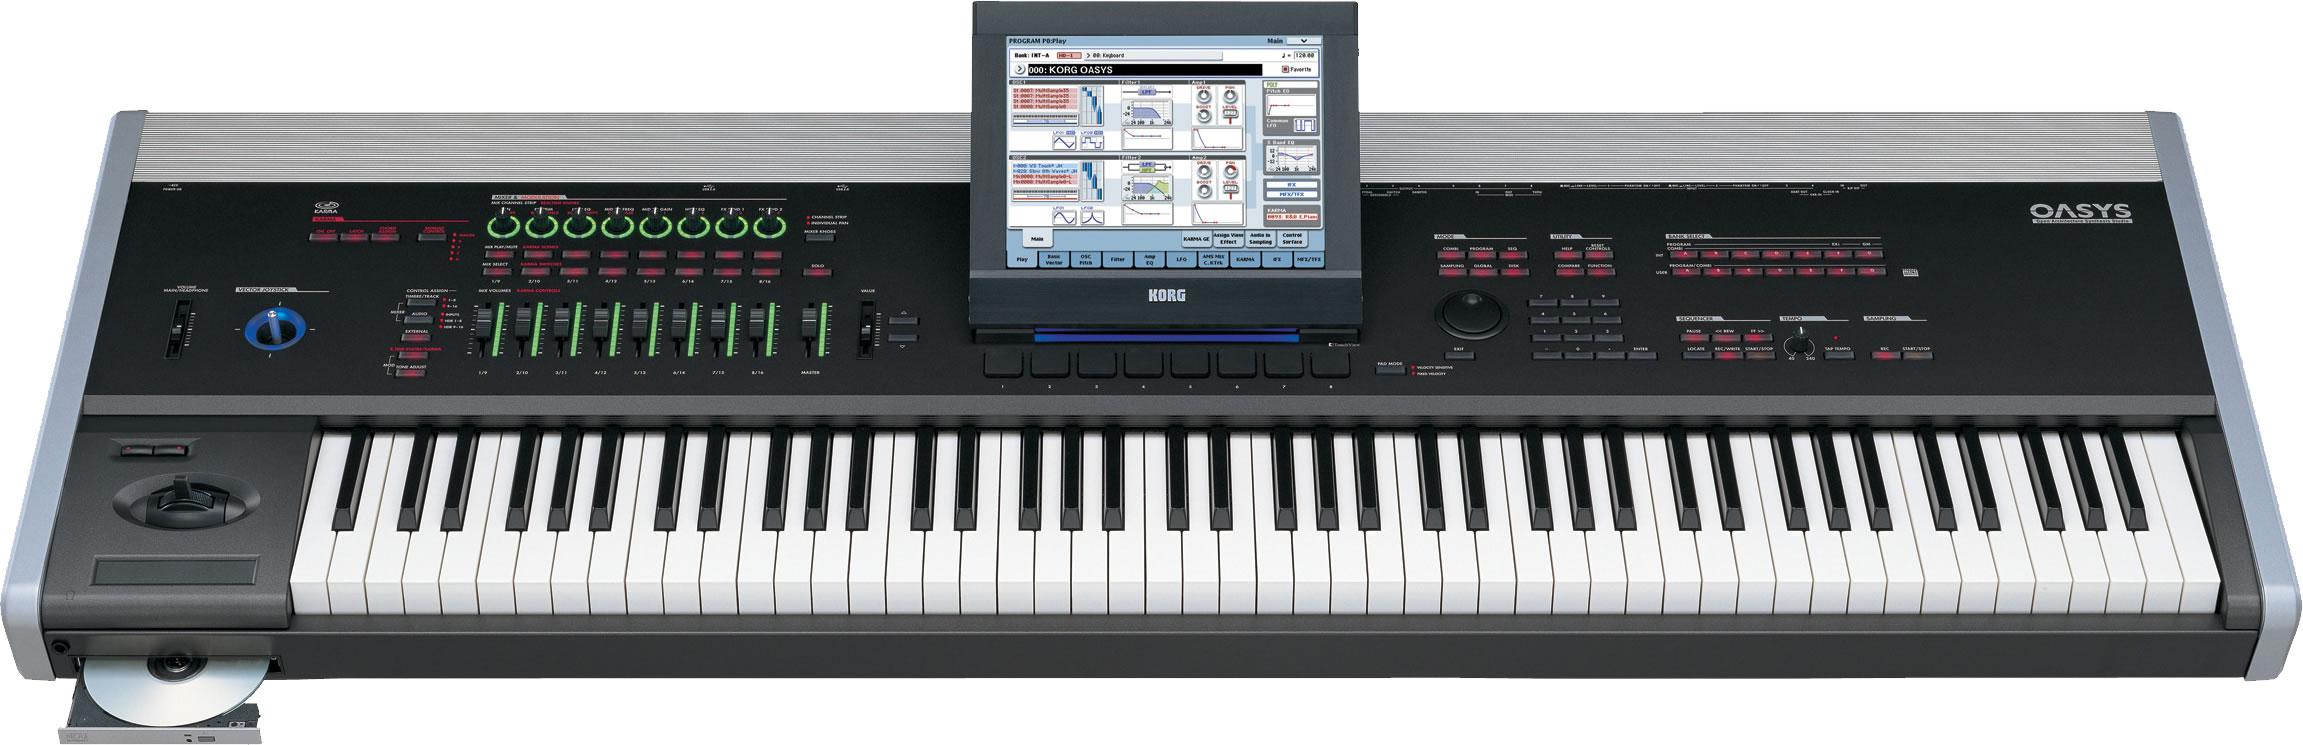 Mejores Pianos Para Kontakt De Los Workstation